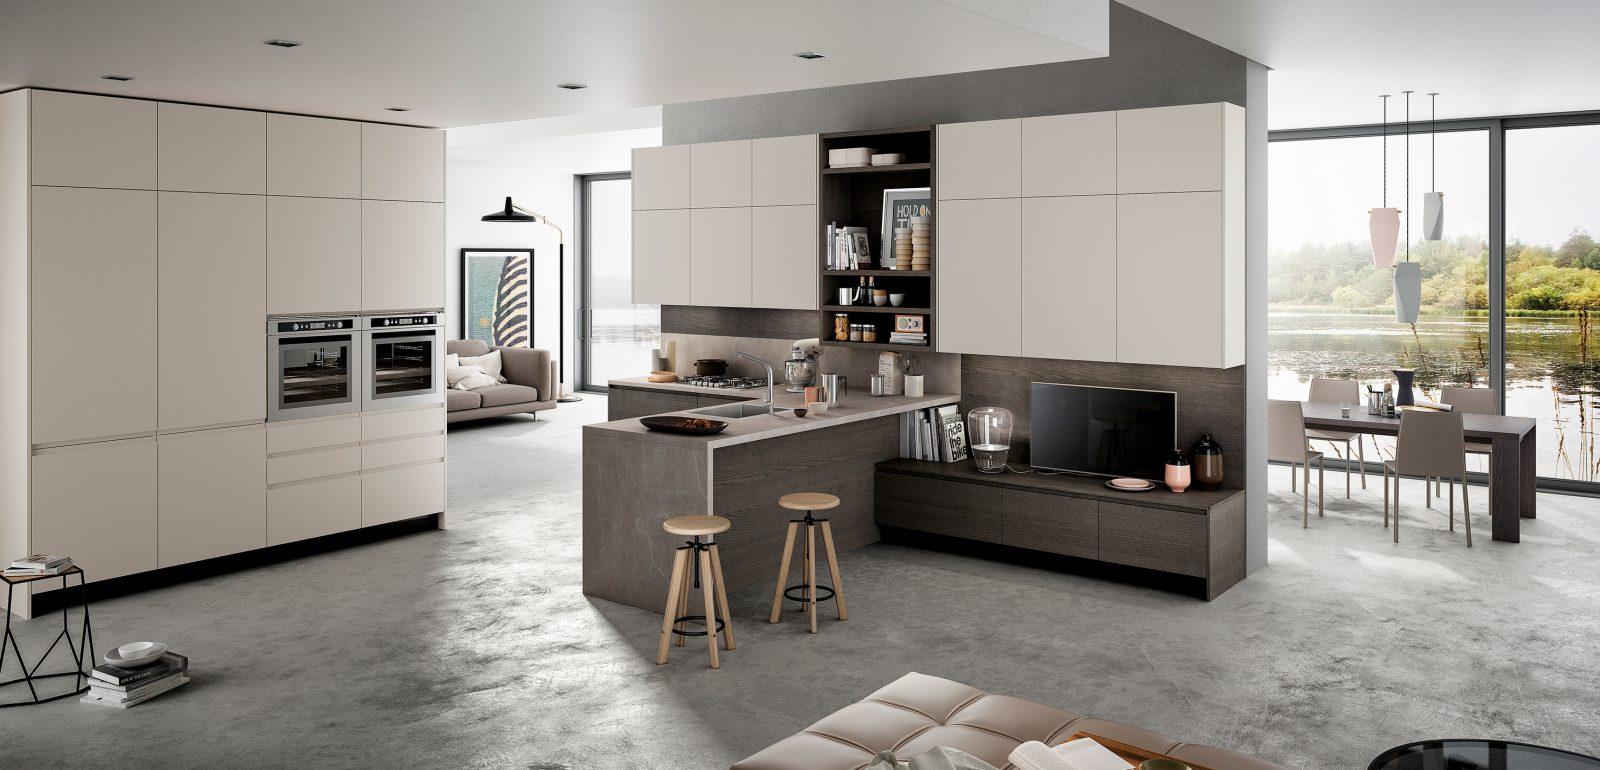 Cucina moderna Arredo 3 Wega